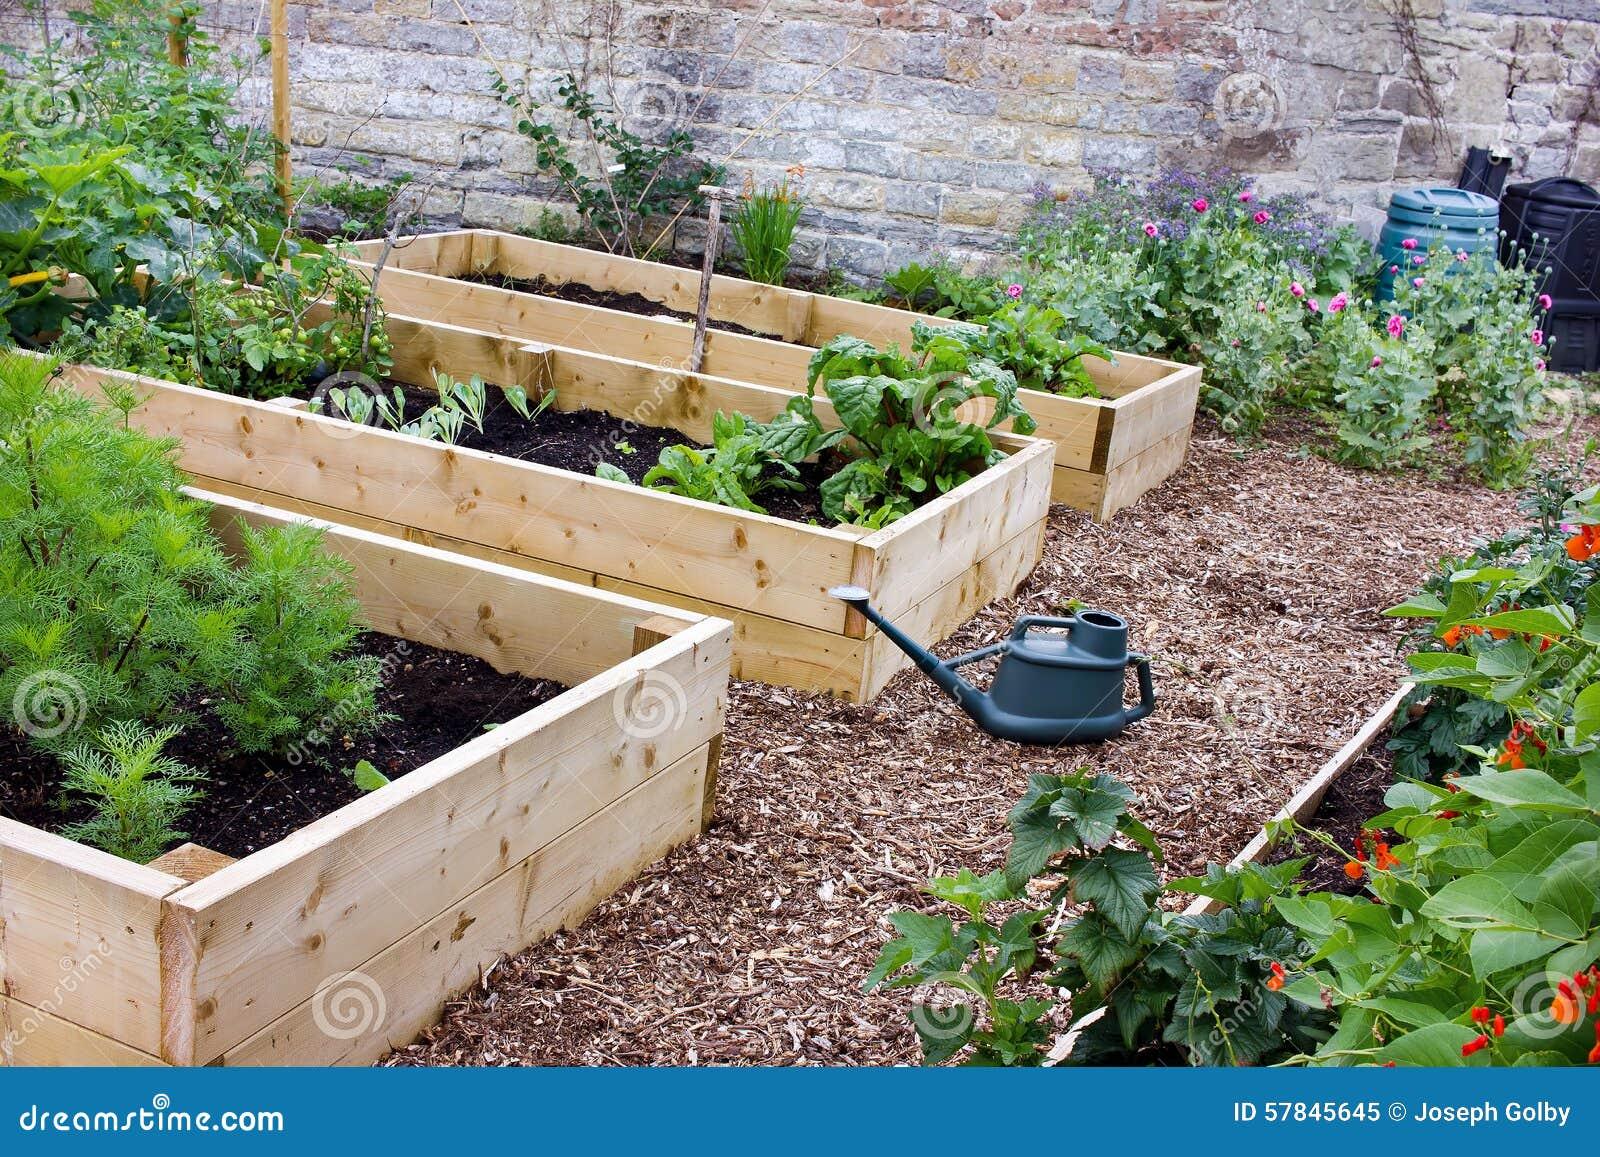 thumbs.dreamstime.com/z/légume-et-jardin-d-agrément-rustiques-de-pays-avec-les-lits-la-pelle-la-boîte-d-arrosage-et-le-composters-augmentés-57845645.jpg